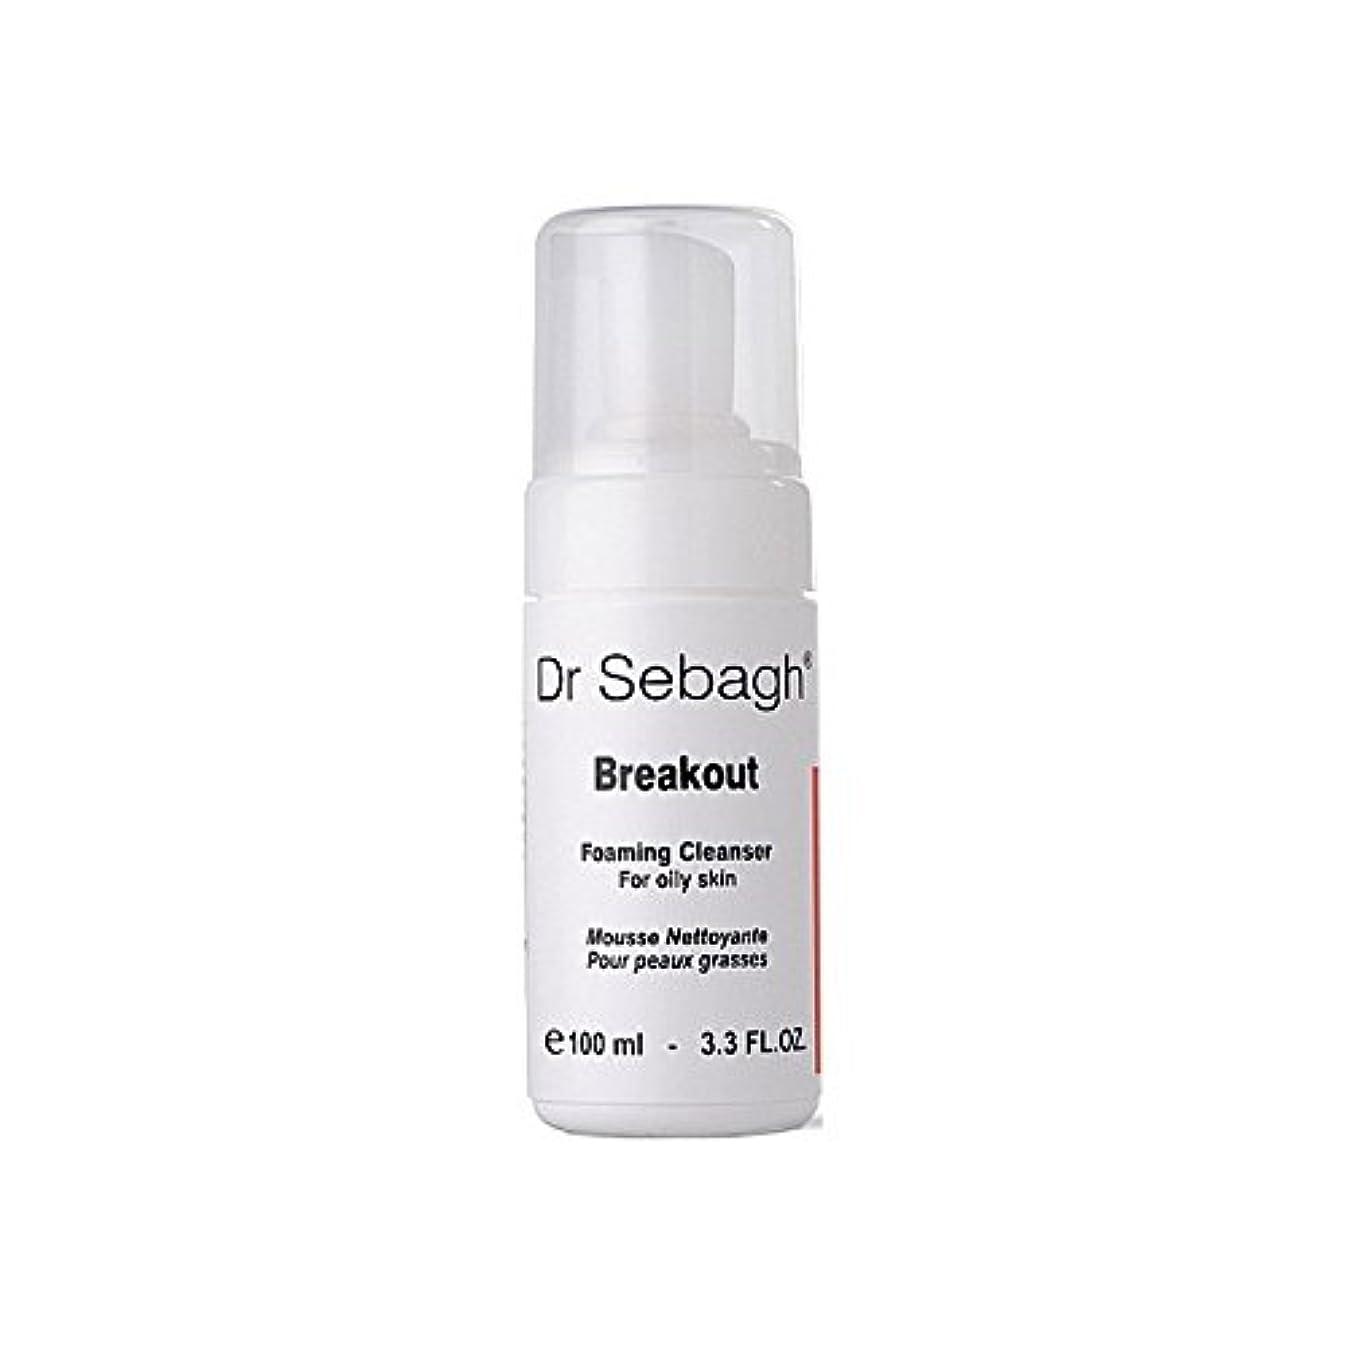 泳ぐオリエンテーションモンキークレンザーを発泡の のブレイクアウト x2 - Dr Sebagh Breakout Foaming Cleanser (Pack of 2) [並行輸入品]